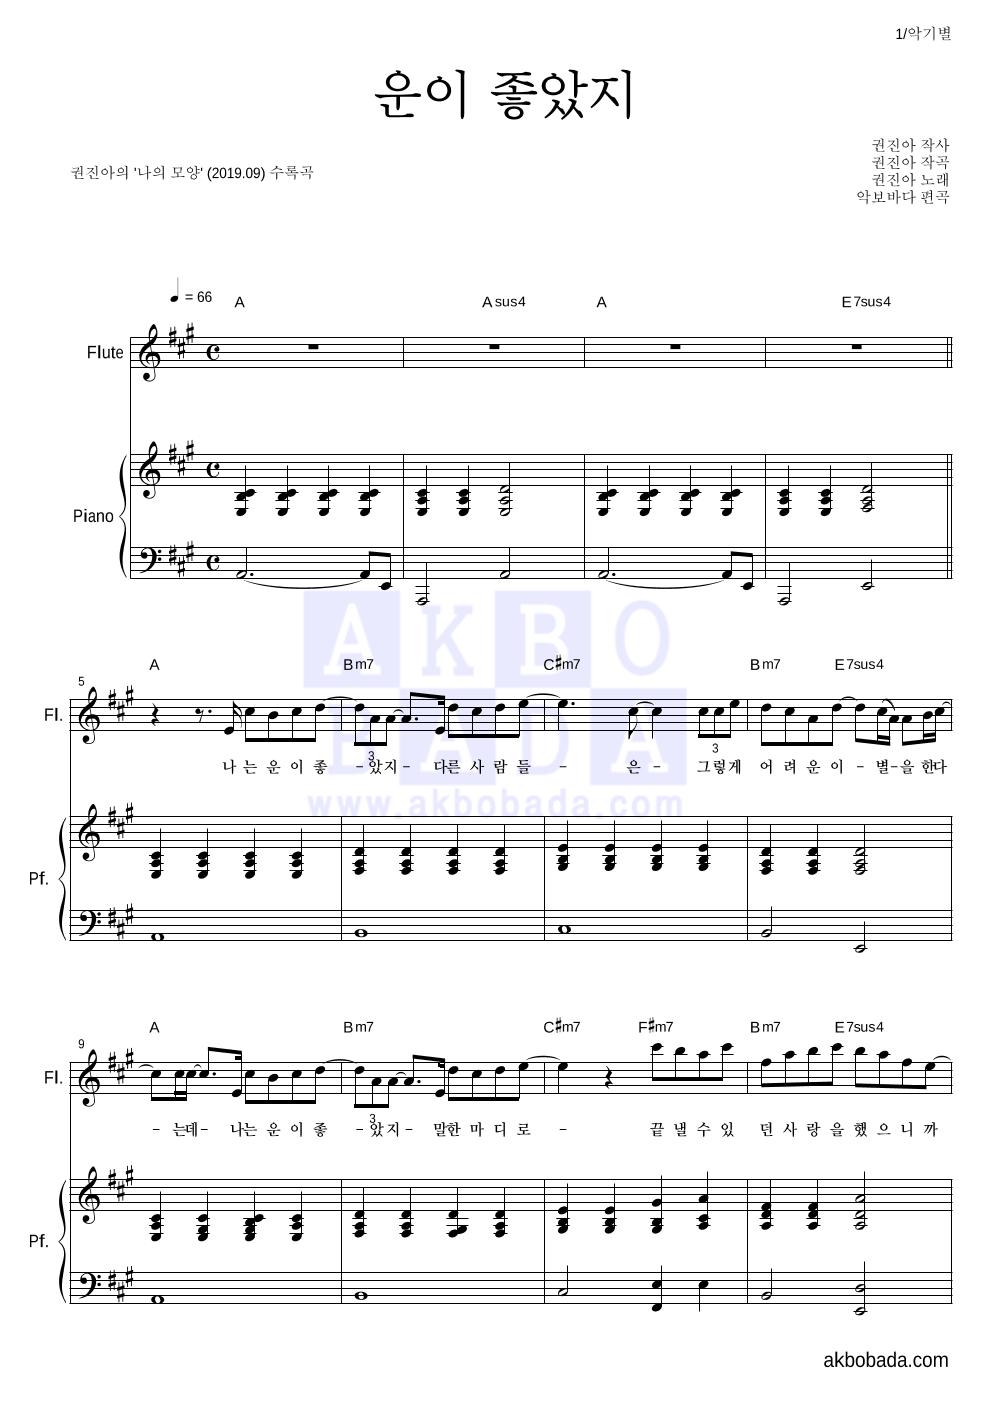 권진아 - 운이 좋았지 플룻&피아노 악보